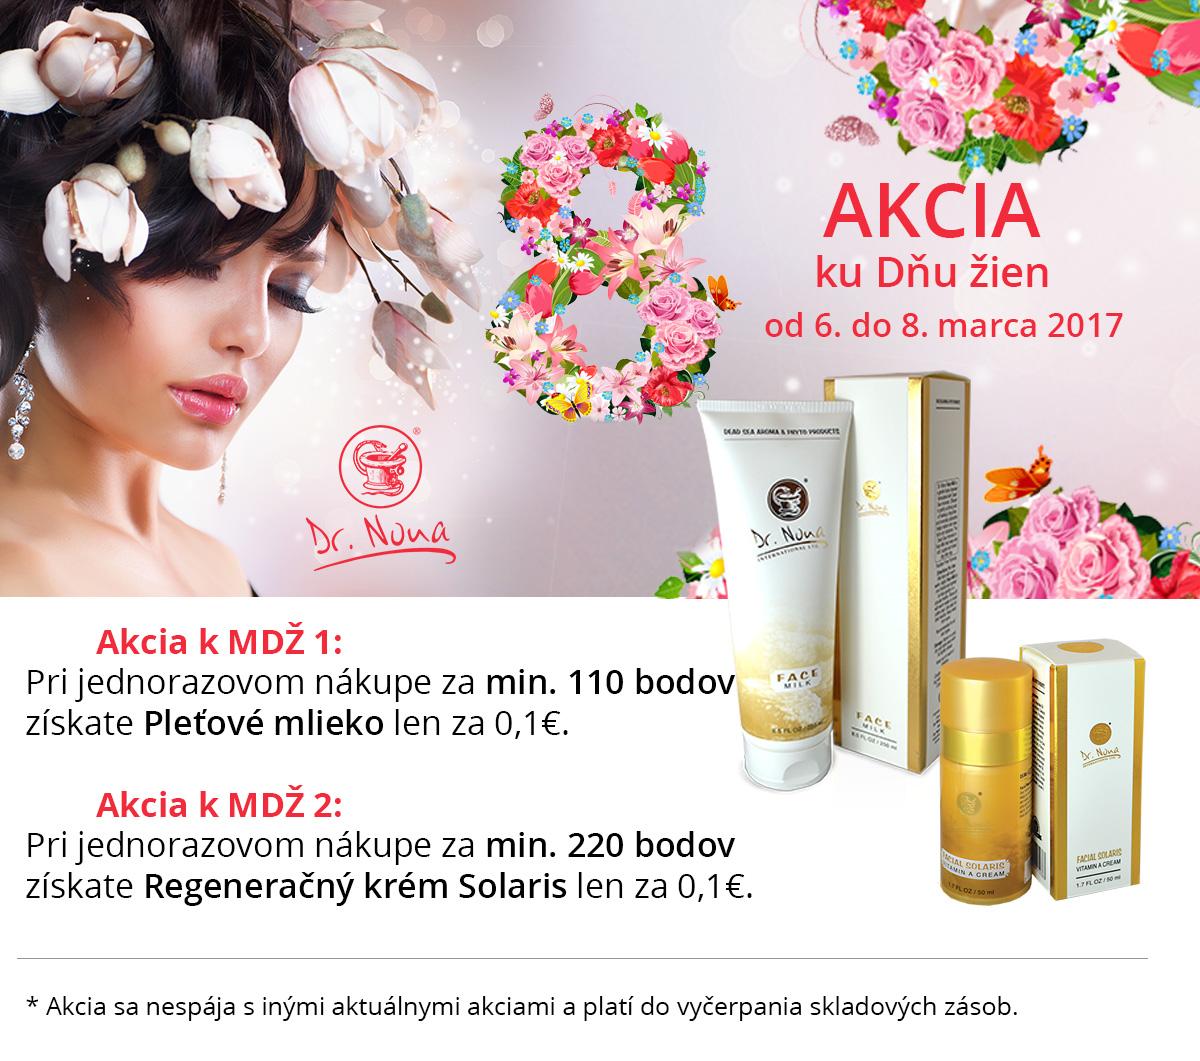 Akcia-k-MDZ-2017